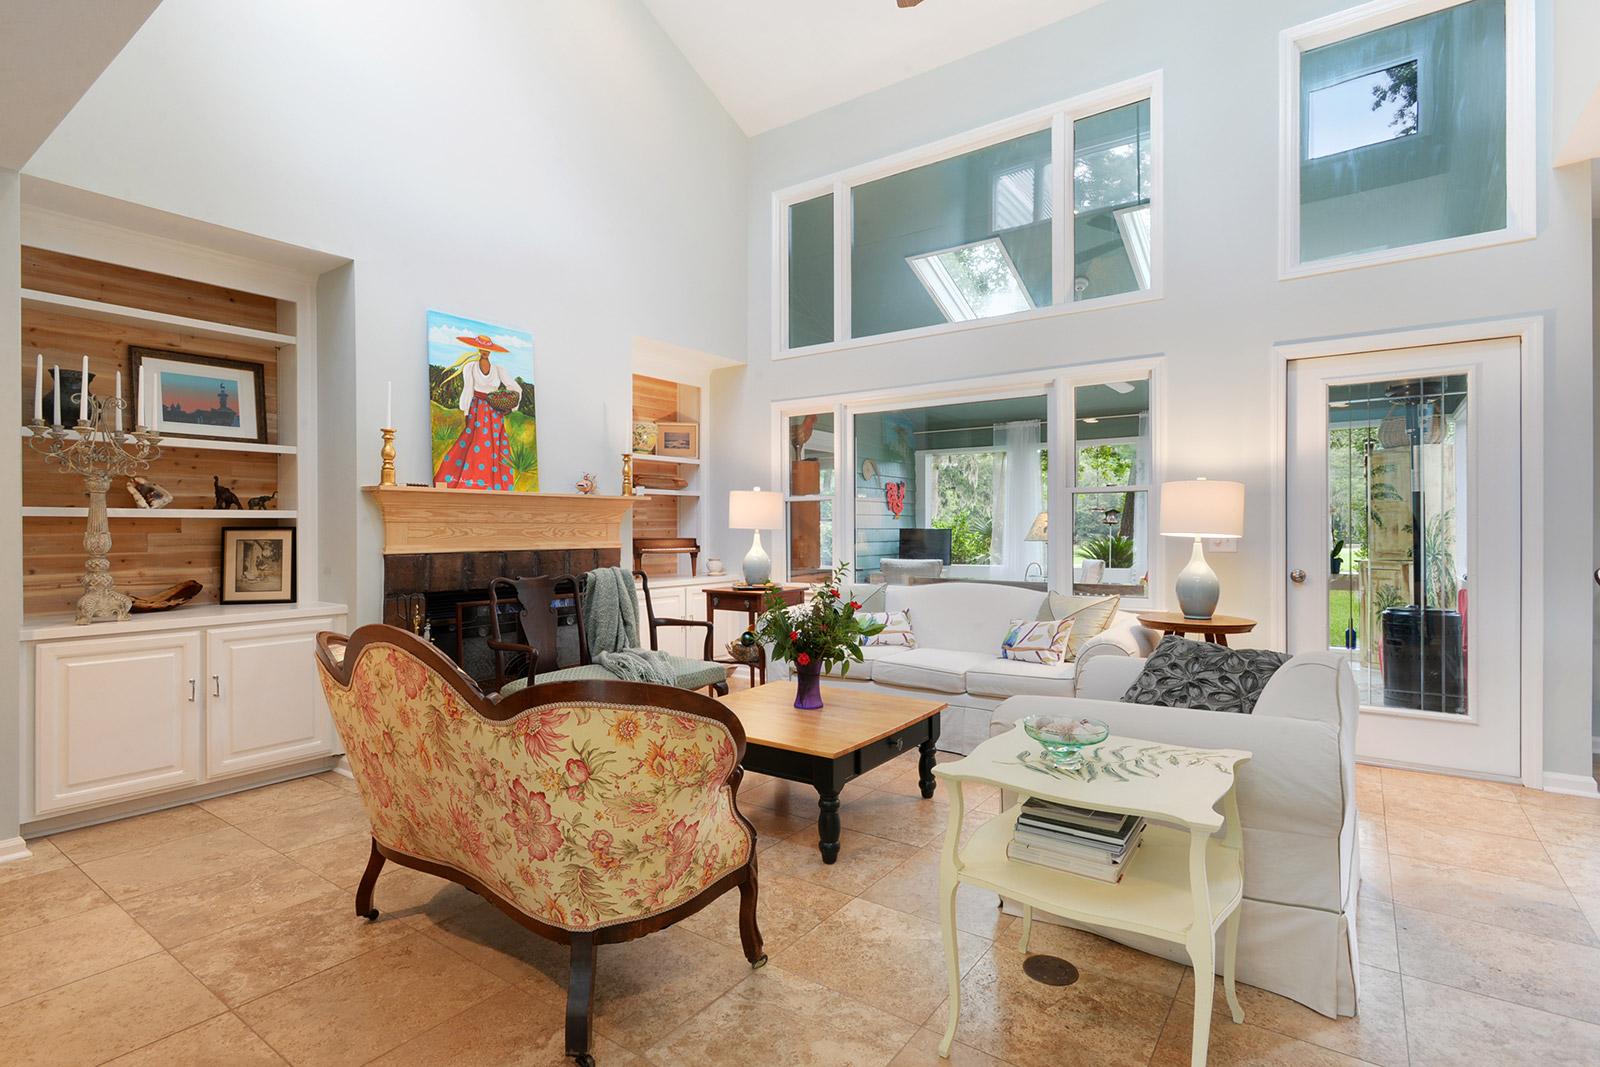 625 S Reeve Rd Livingroom